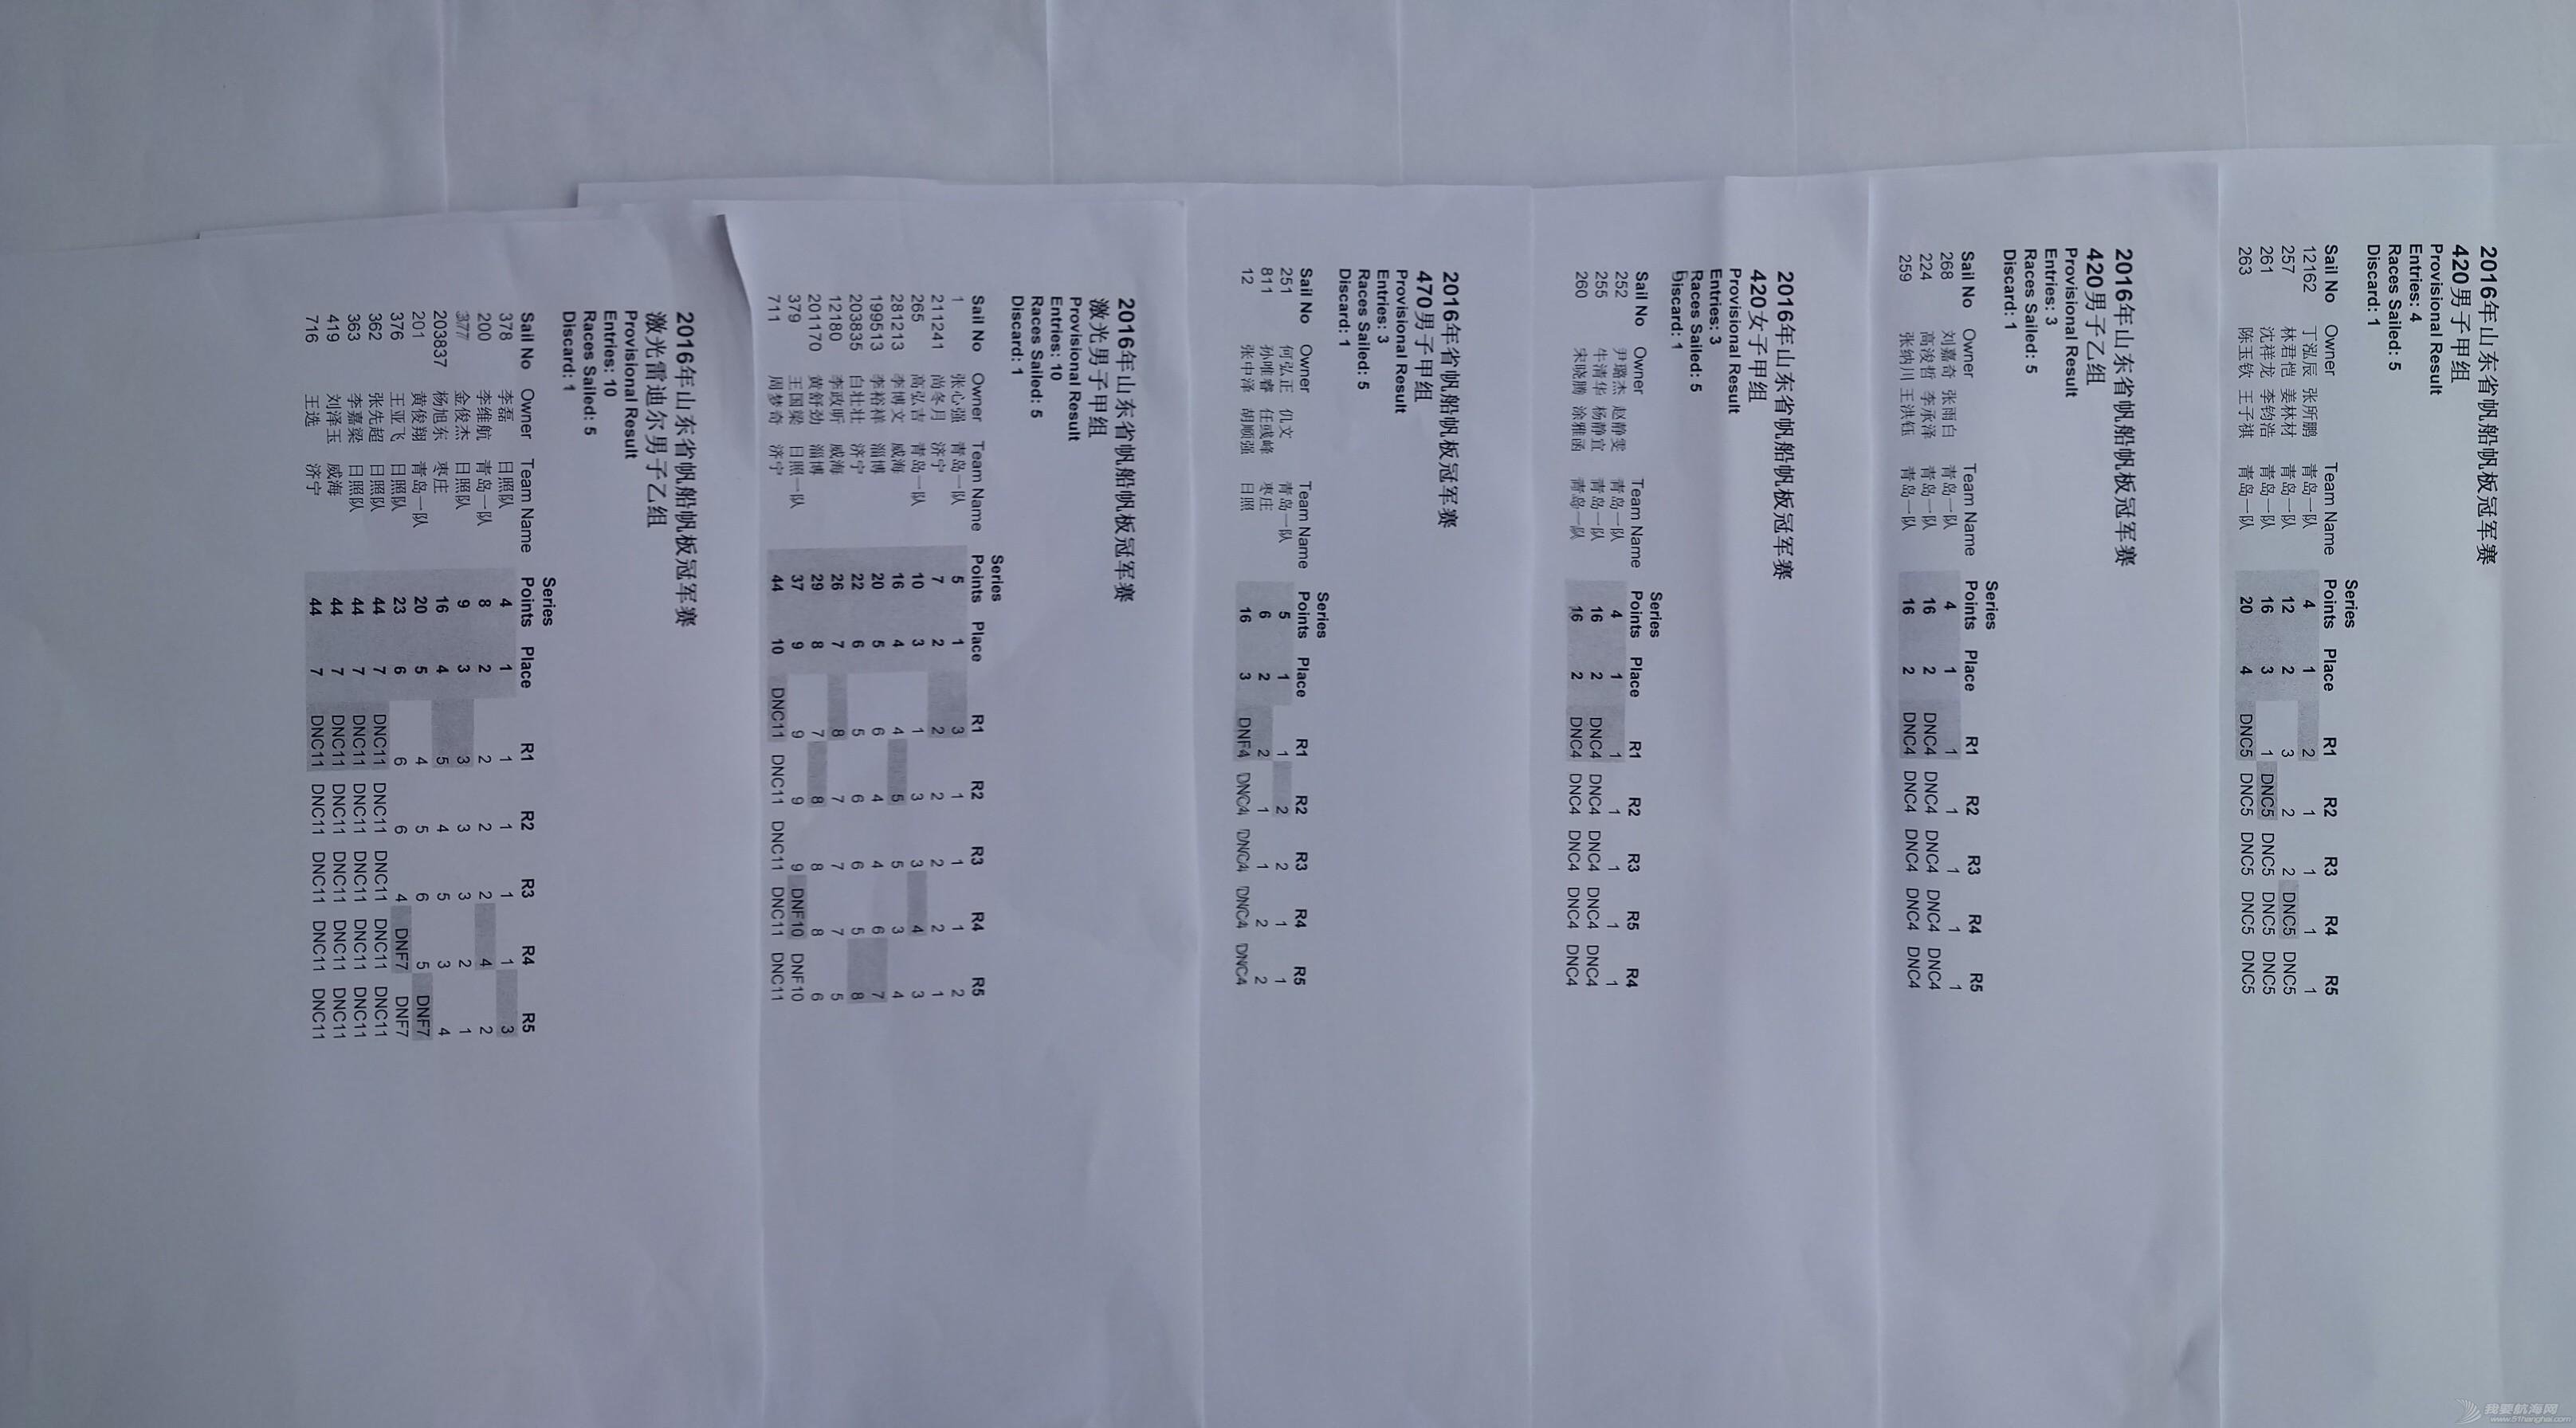 赛的,部分,比赛成绩,帆板,一下   124039hqgg7jc533r7hj93